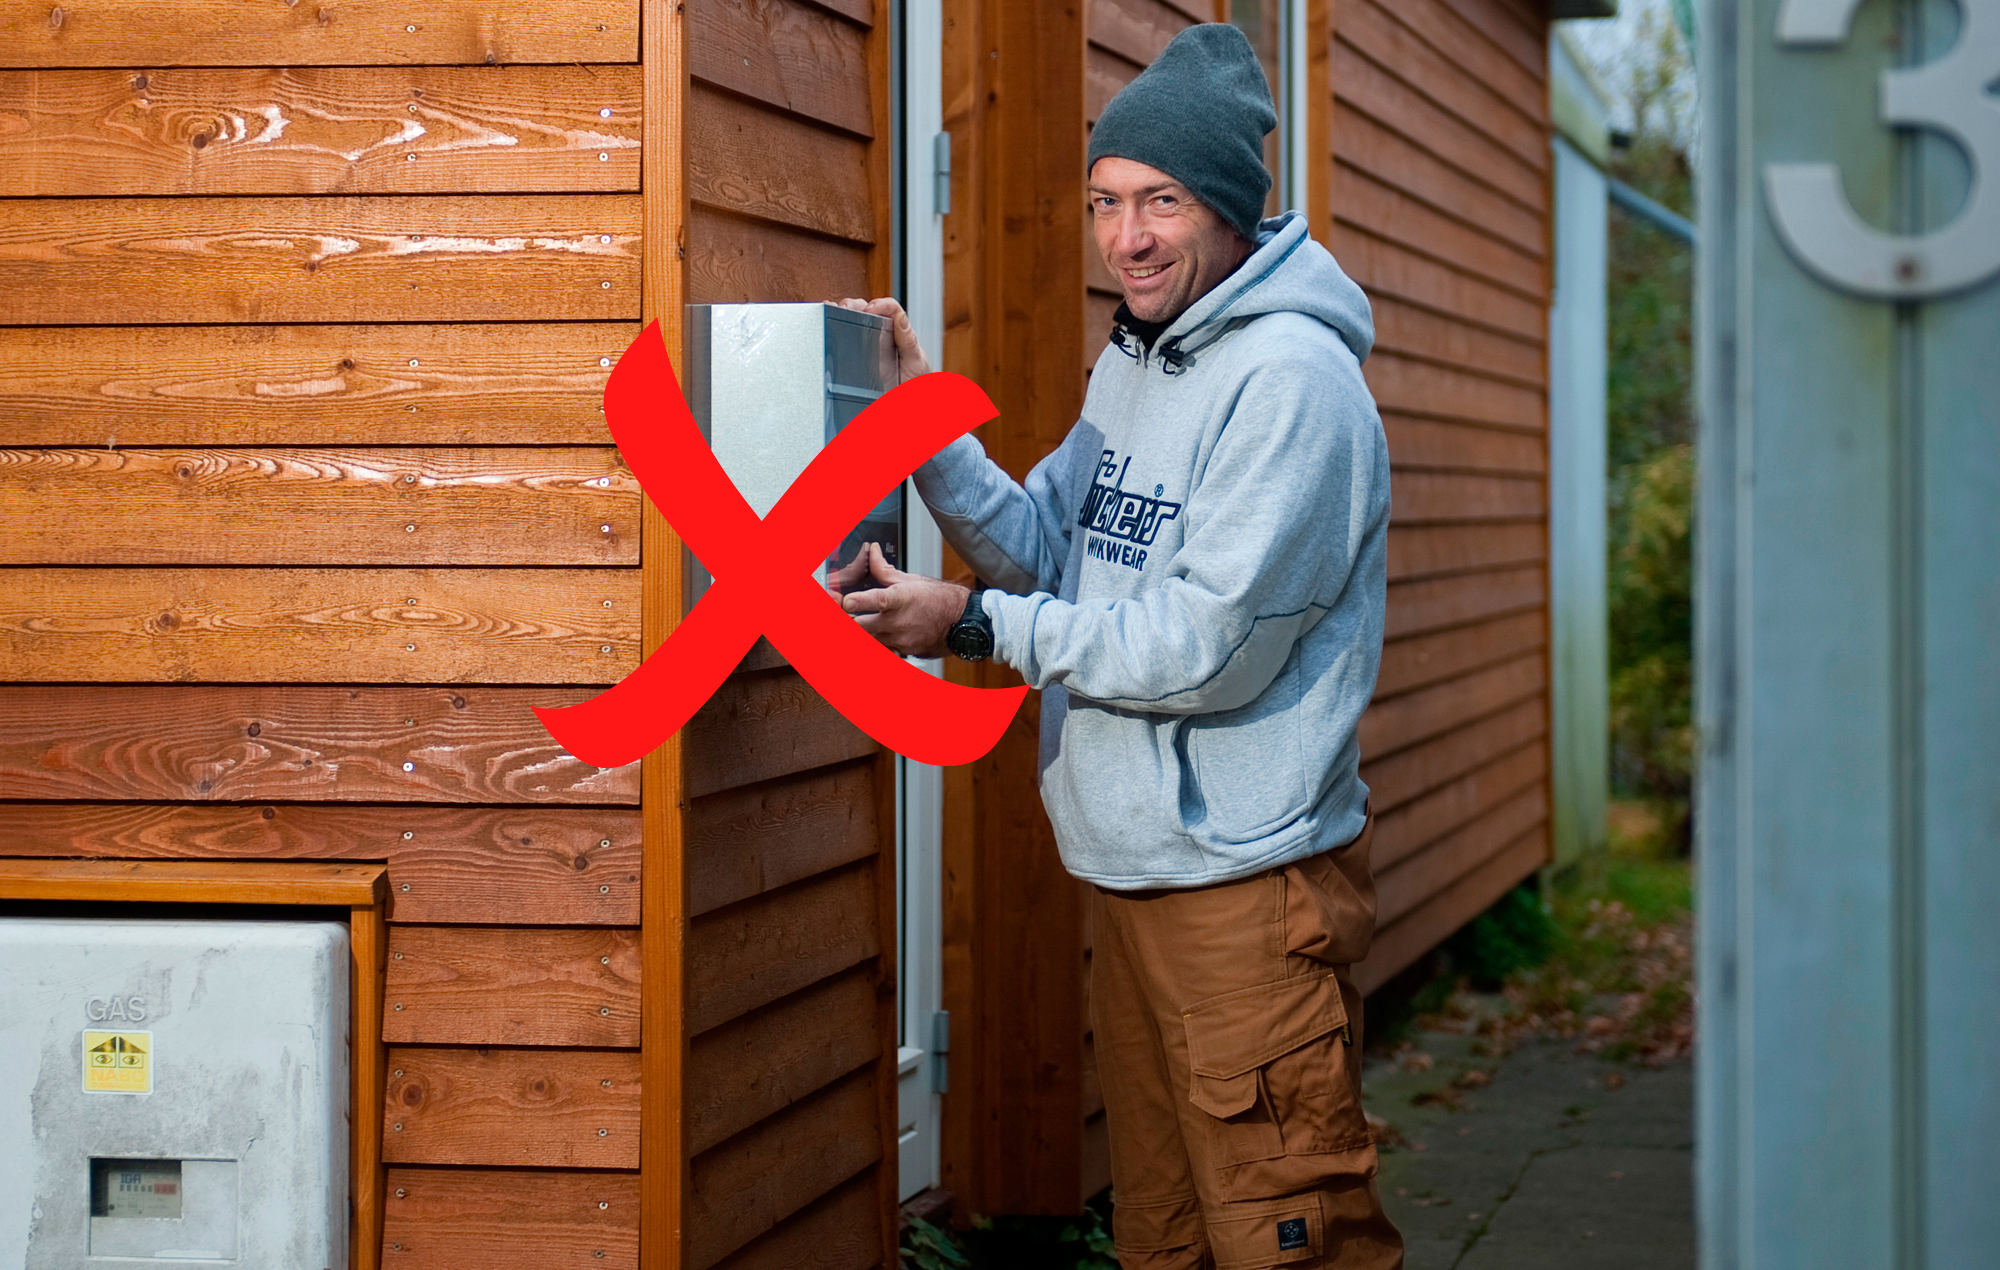 #C60705 Anbefalede Gør Det Selv: Få Postkassen Placeret Korrekt Gør Det Selv Login 5697 200012705697